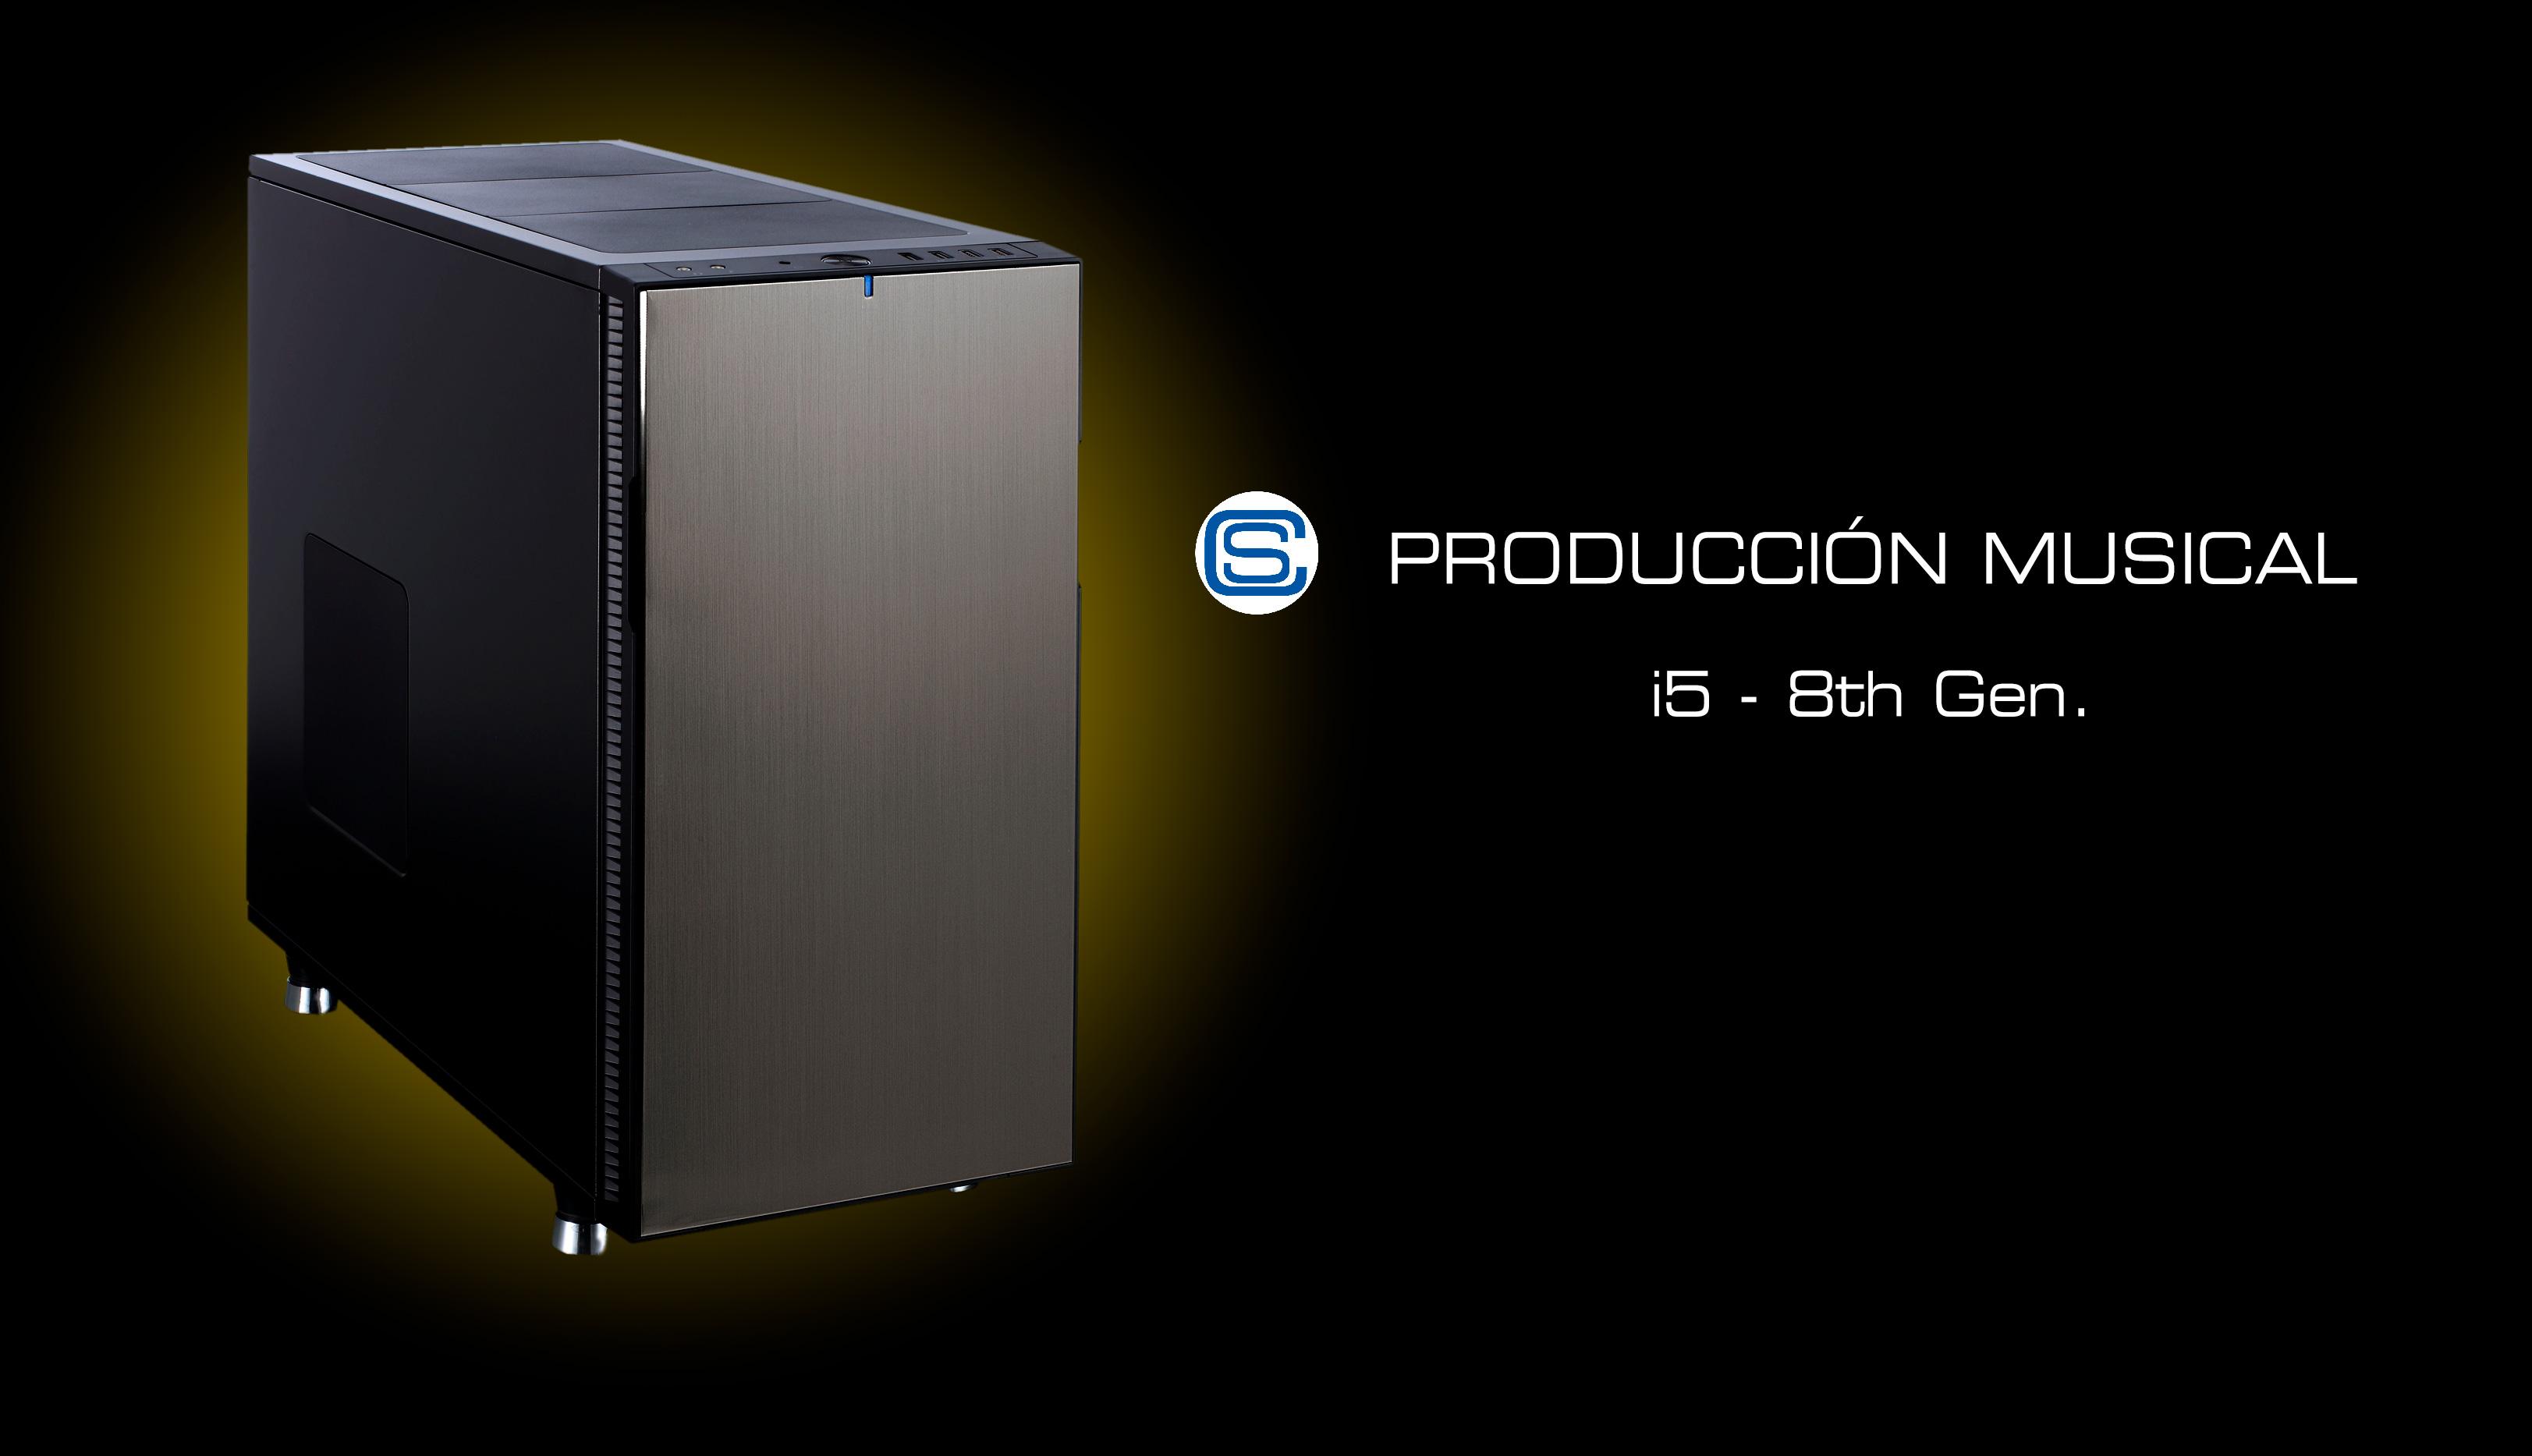 PC-PRODUCCION-MUSICAL.jpg